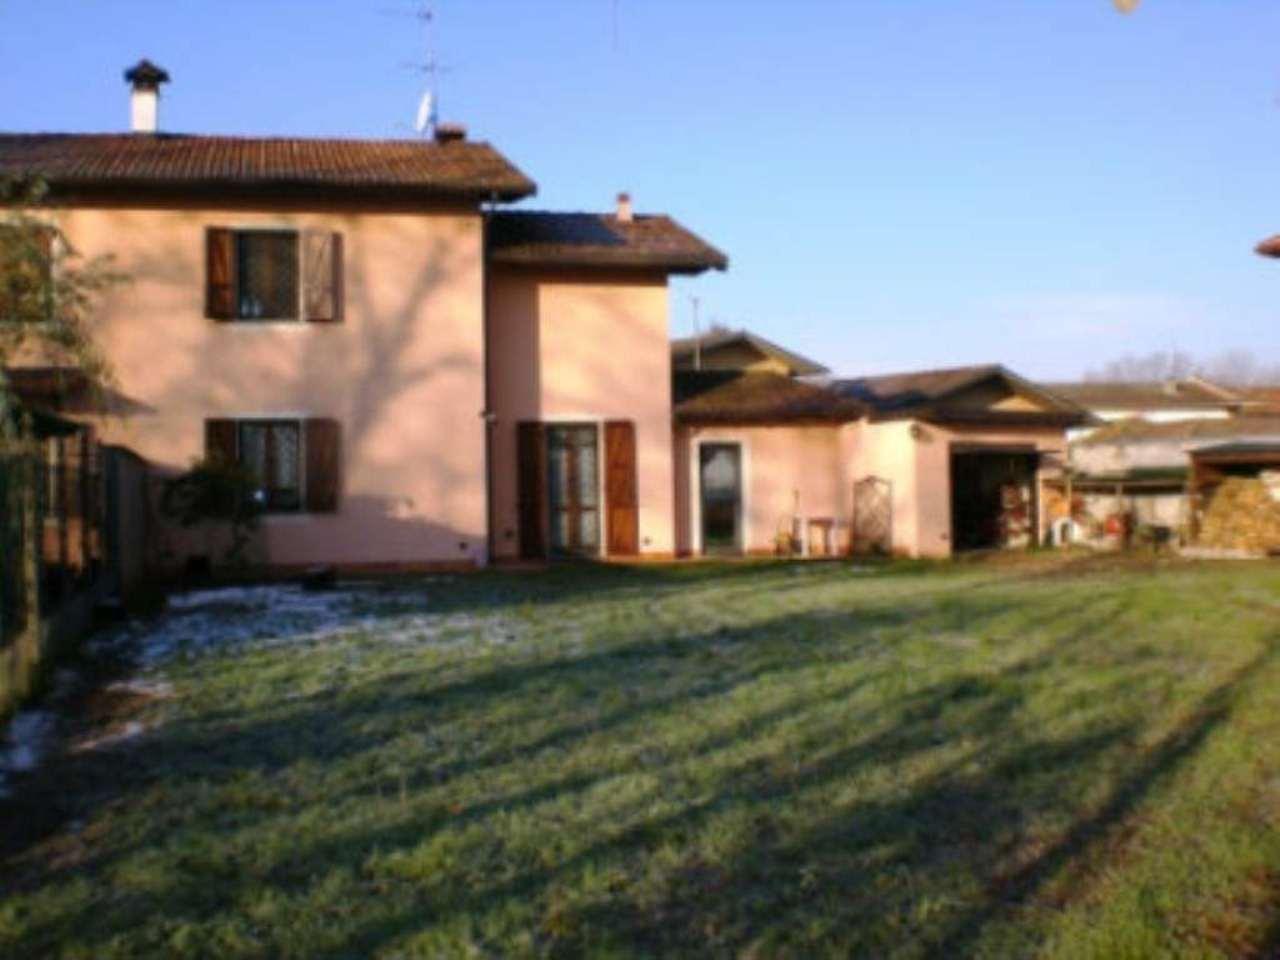 Villa Bifamiliare in vendita a Garlasco, 5 locali, prezzo € 240.000 | Cambio Casa.it